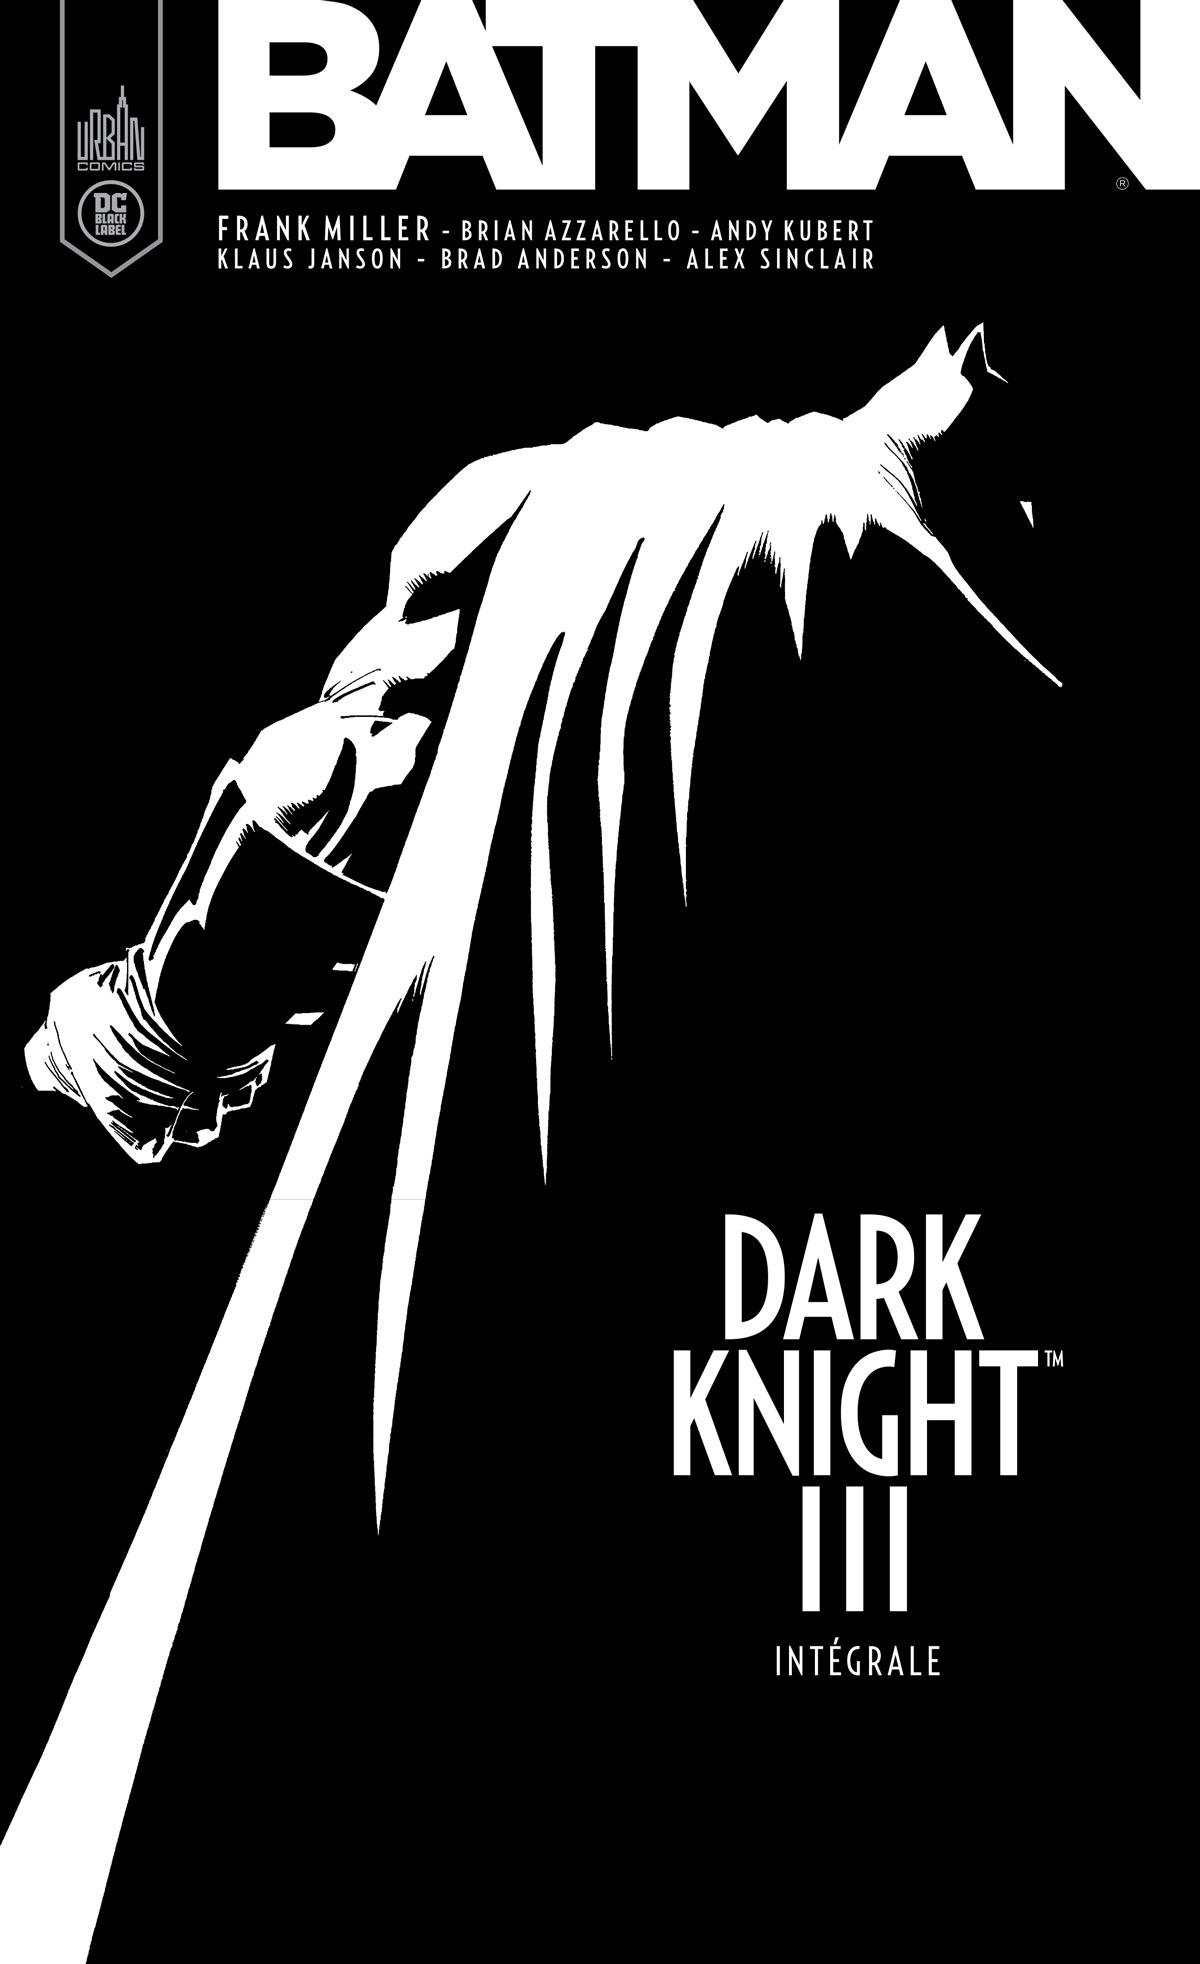 Dark Knight III - The Master Race